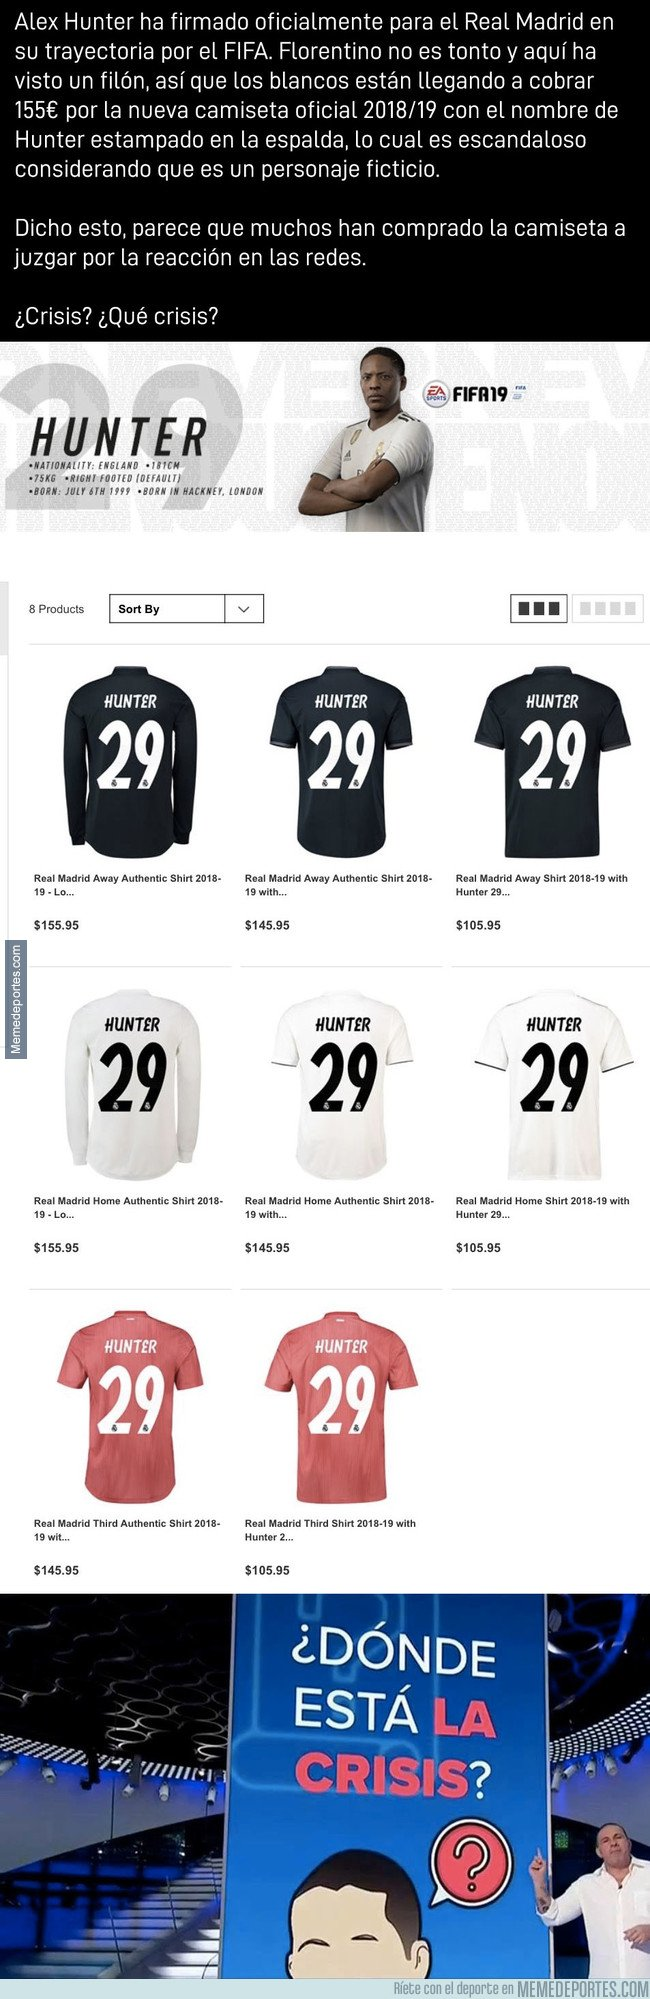 1047106 - Vas a tener que ahorrar mucho si quieres la camiseta oficial de Alex Hunter con el Madrid